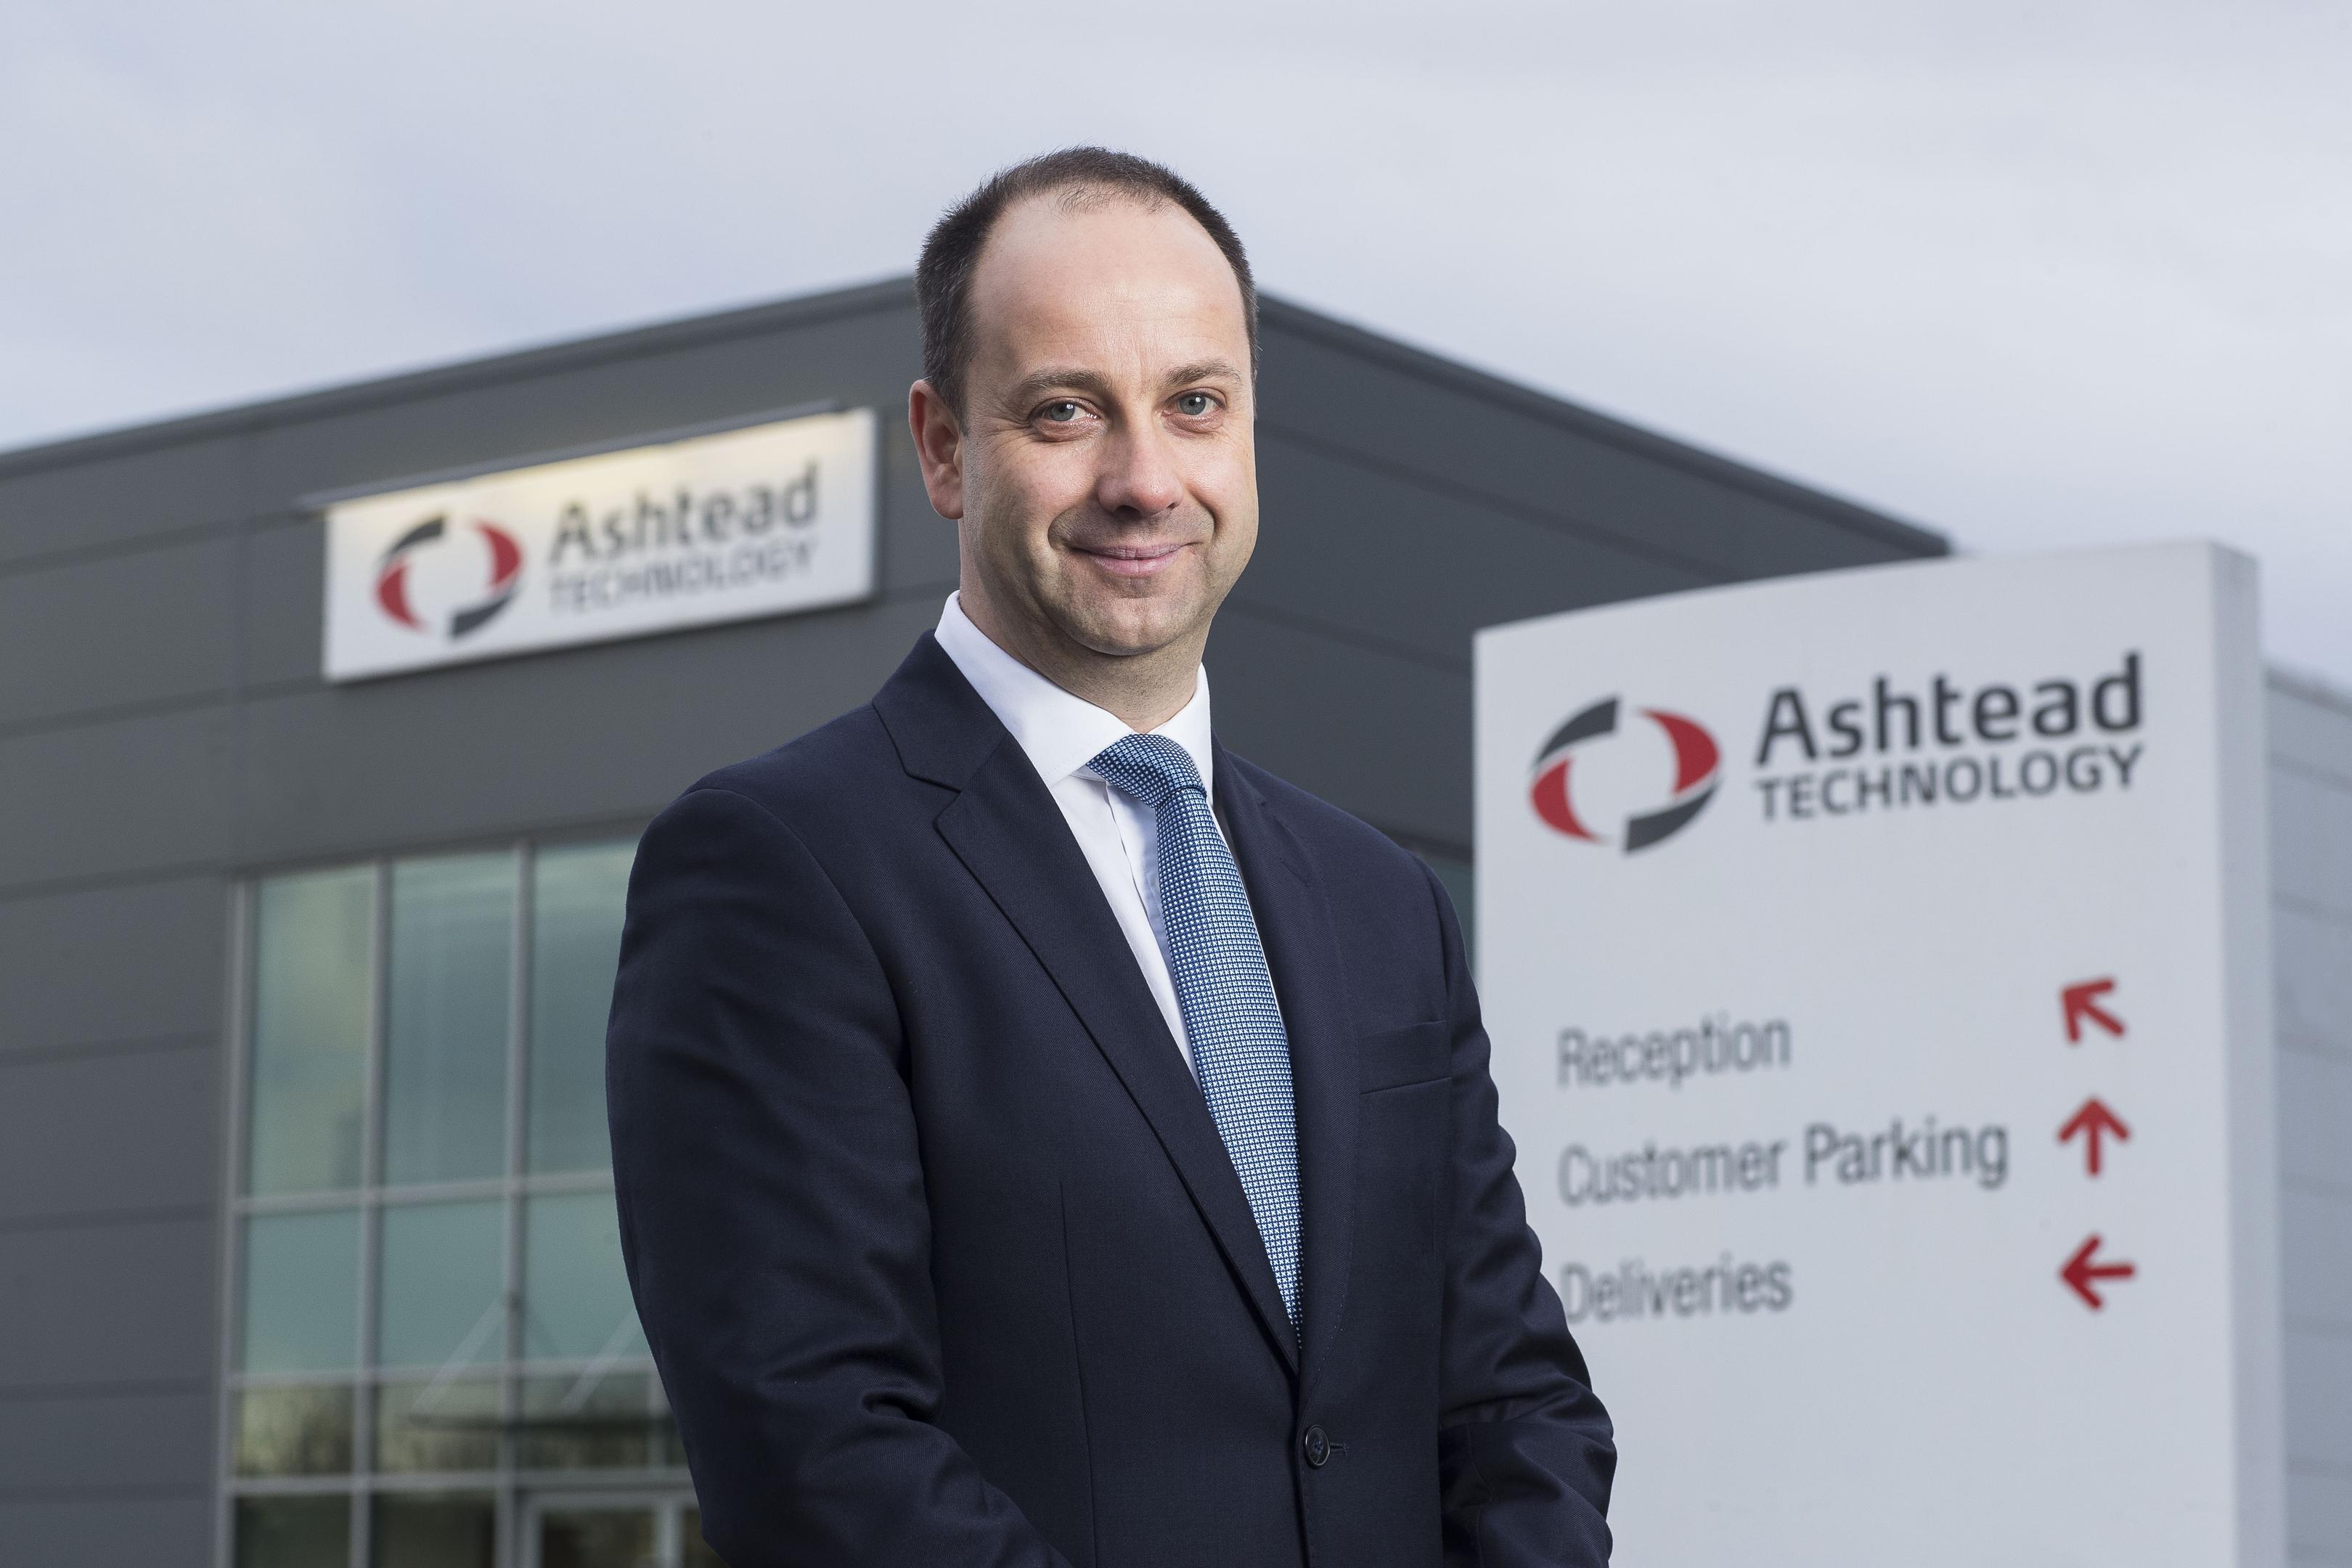 Ashtead Technology CEO Allan Pirie